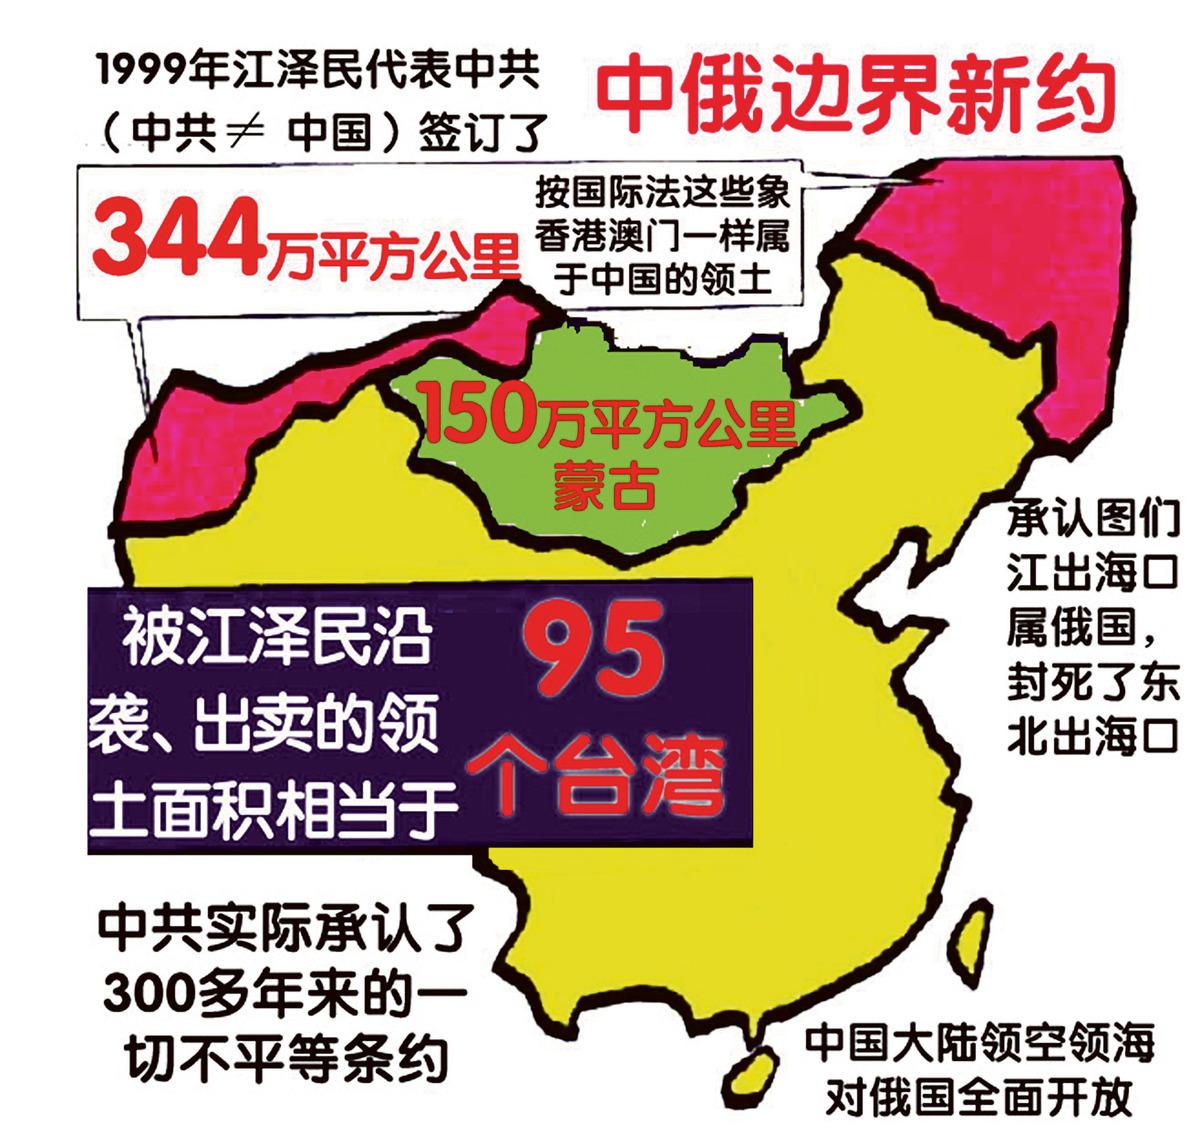 江澤民與俄國簽訂議定書、條約出賣中國國土。(明慧網)